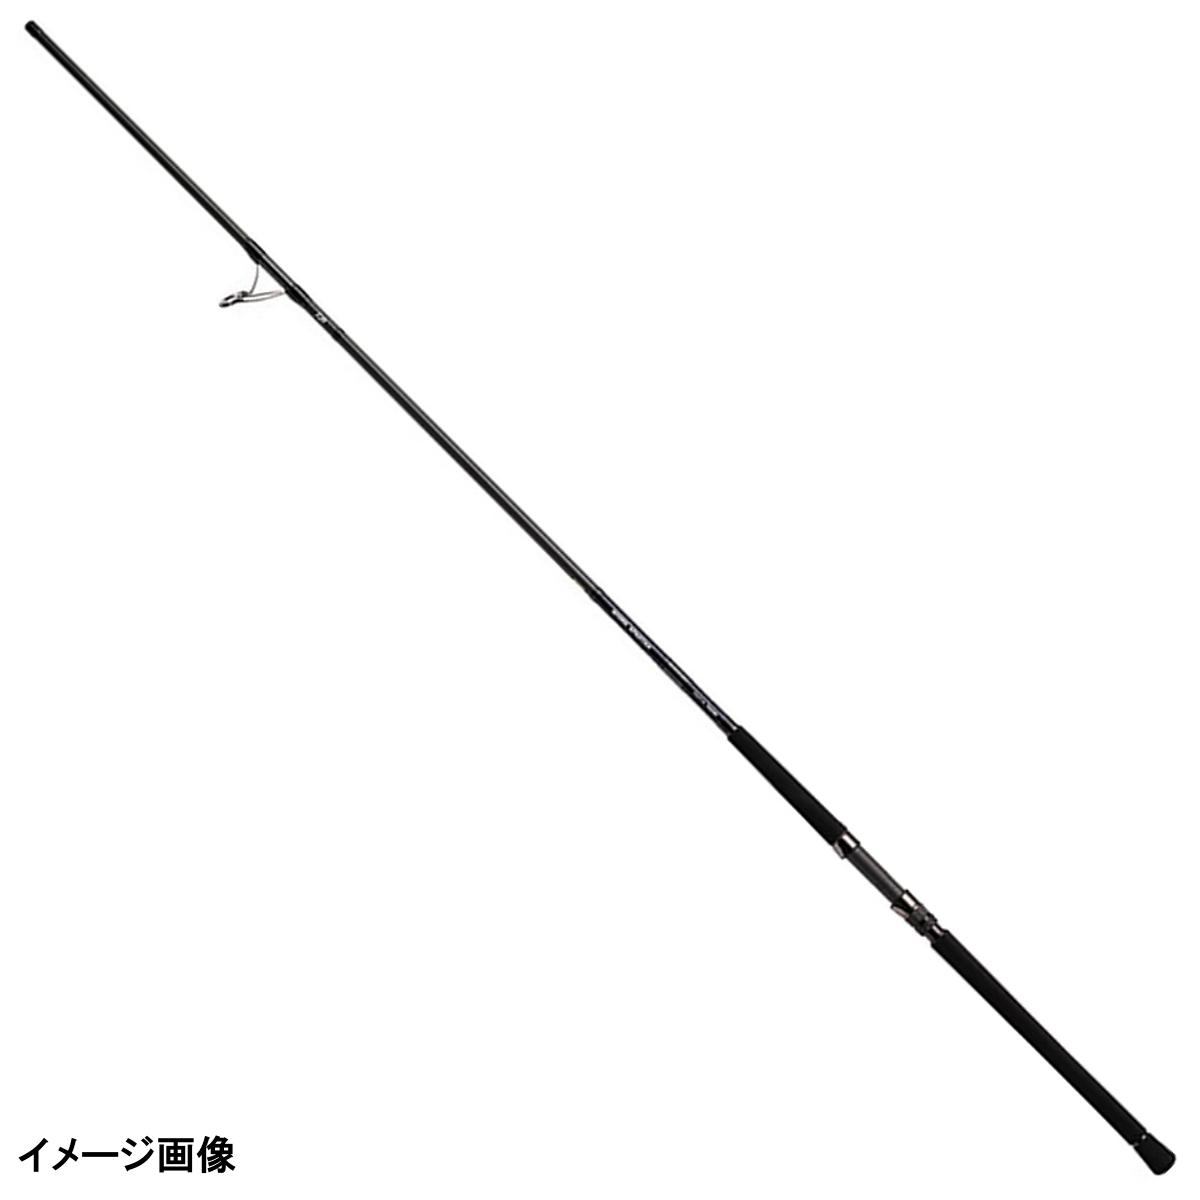 ダイワ ショアスパルタン コースタル 100H【大型商品】【送料無料】